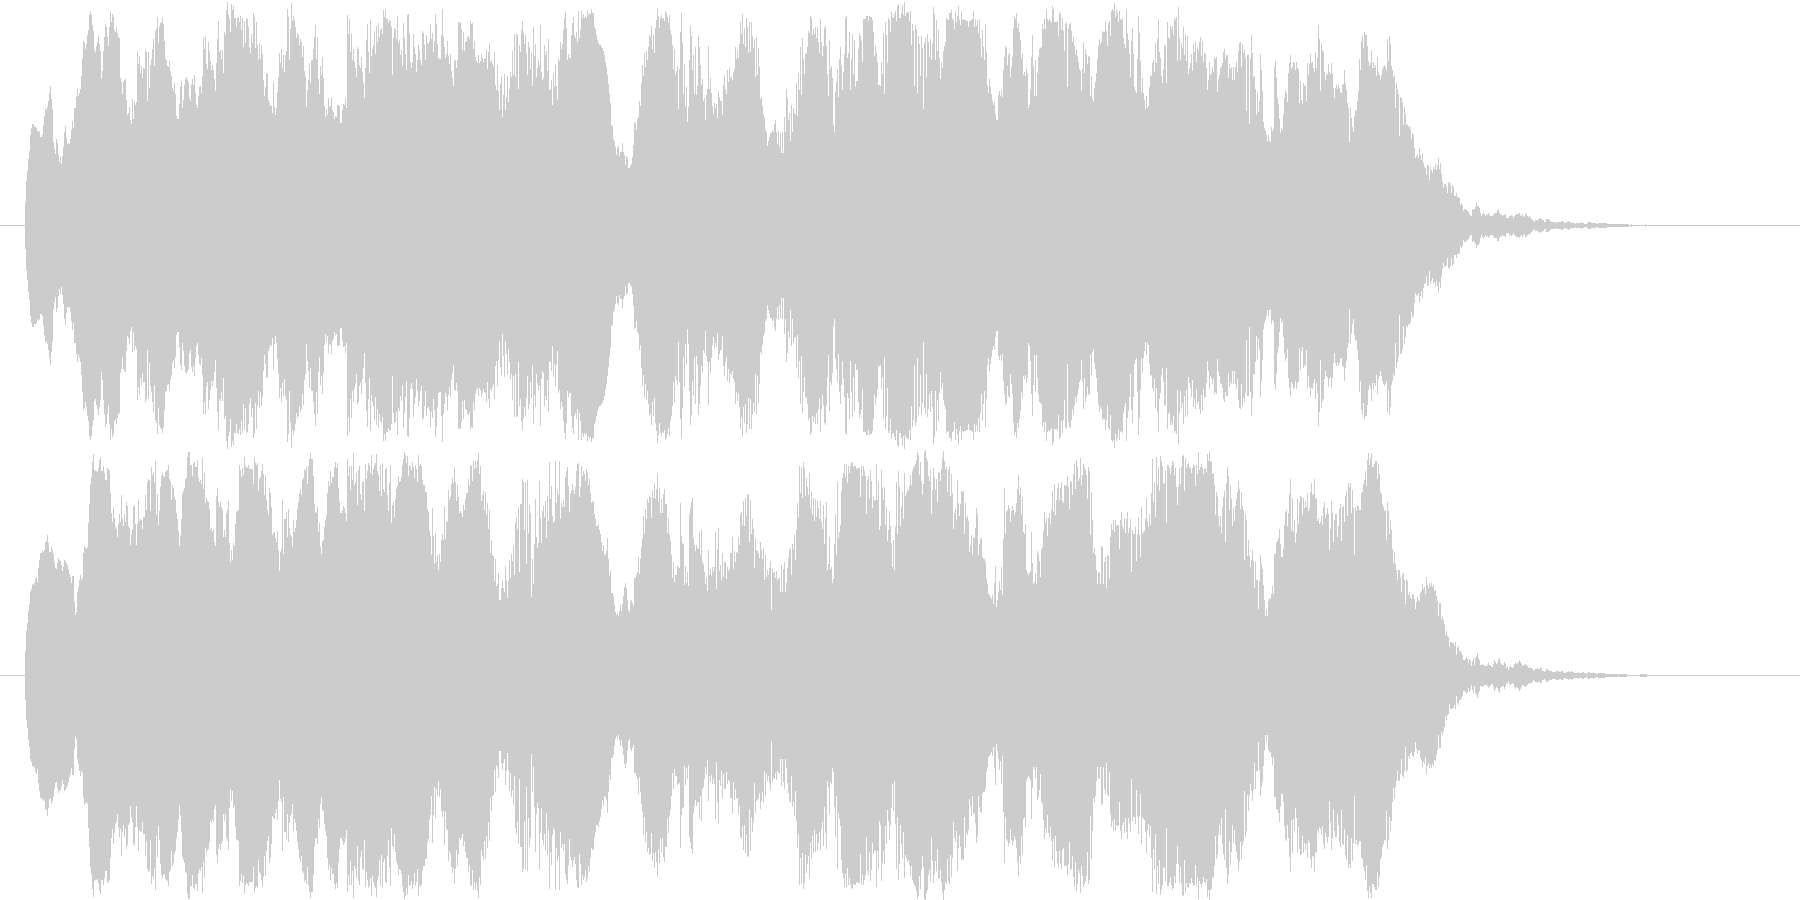 シリアスなシーンの始まりに合うBGMの未再生の波形